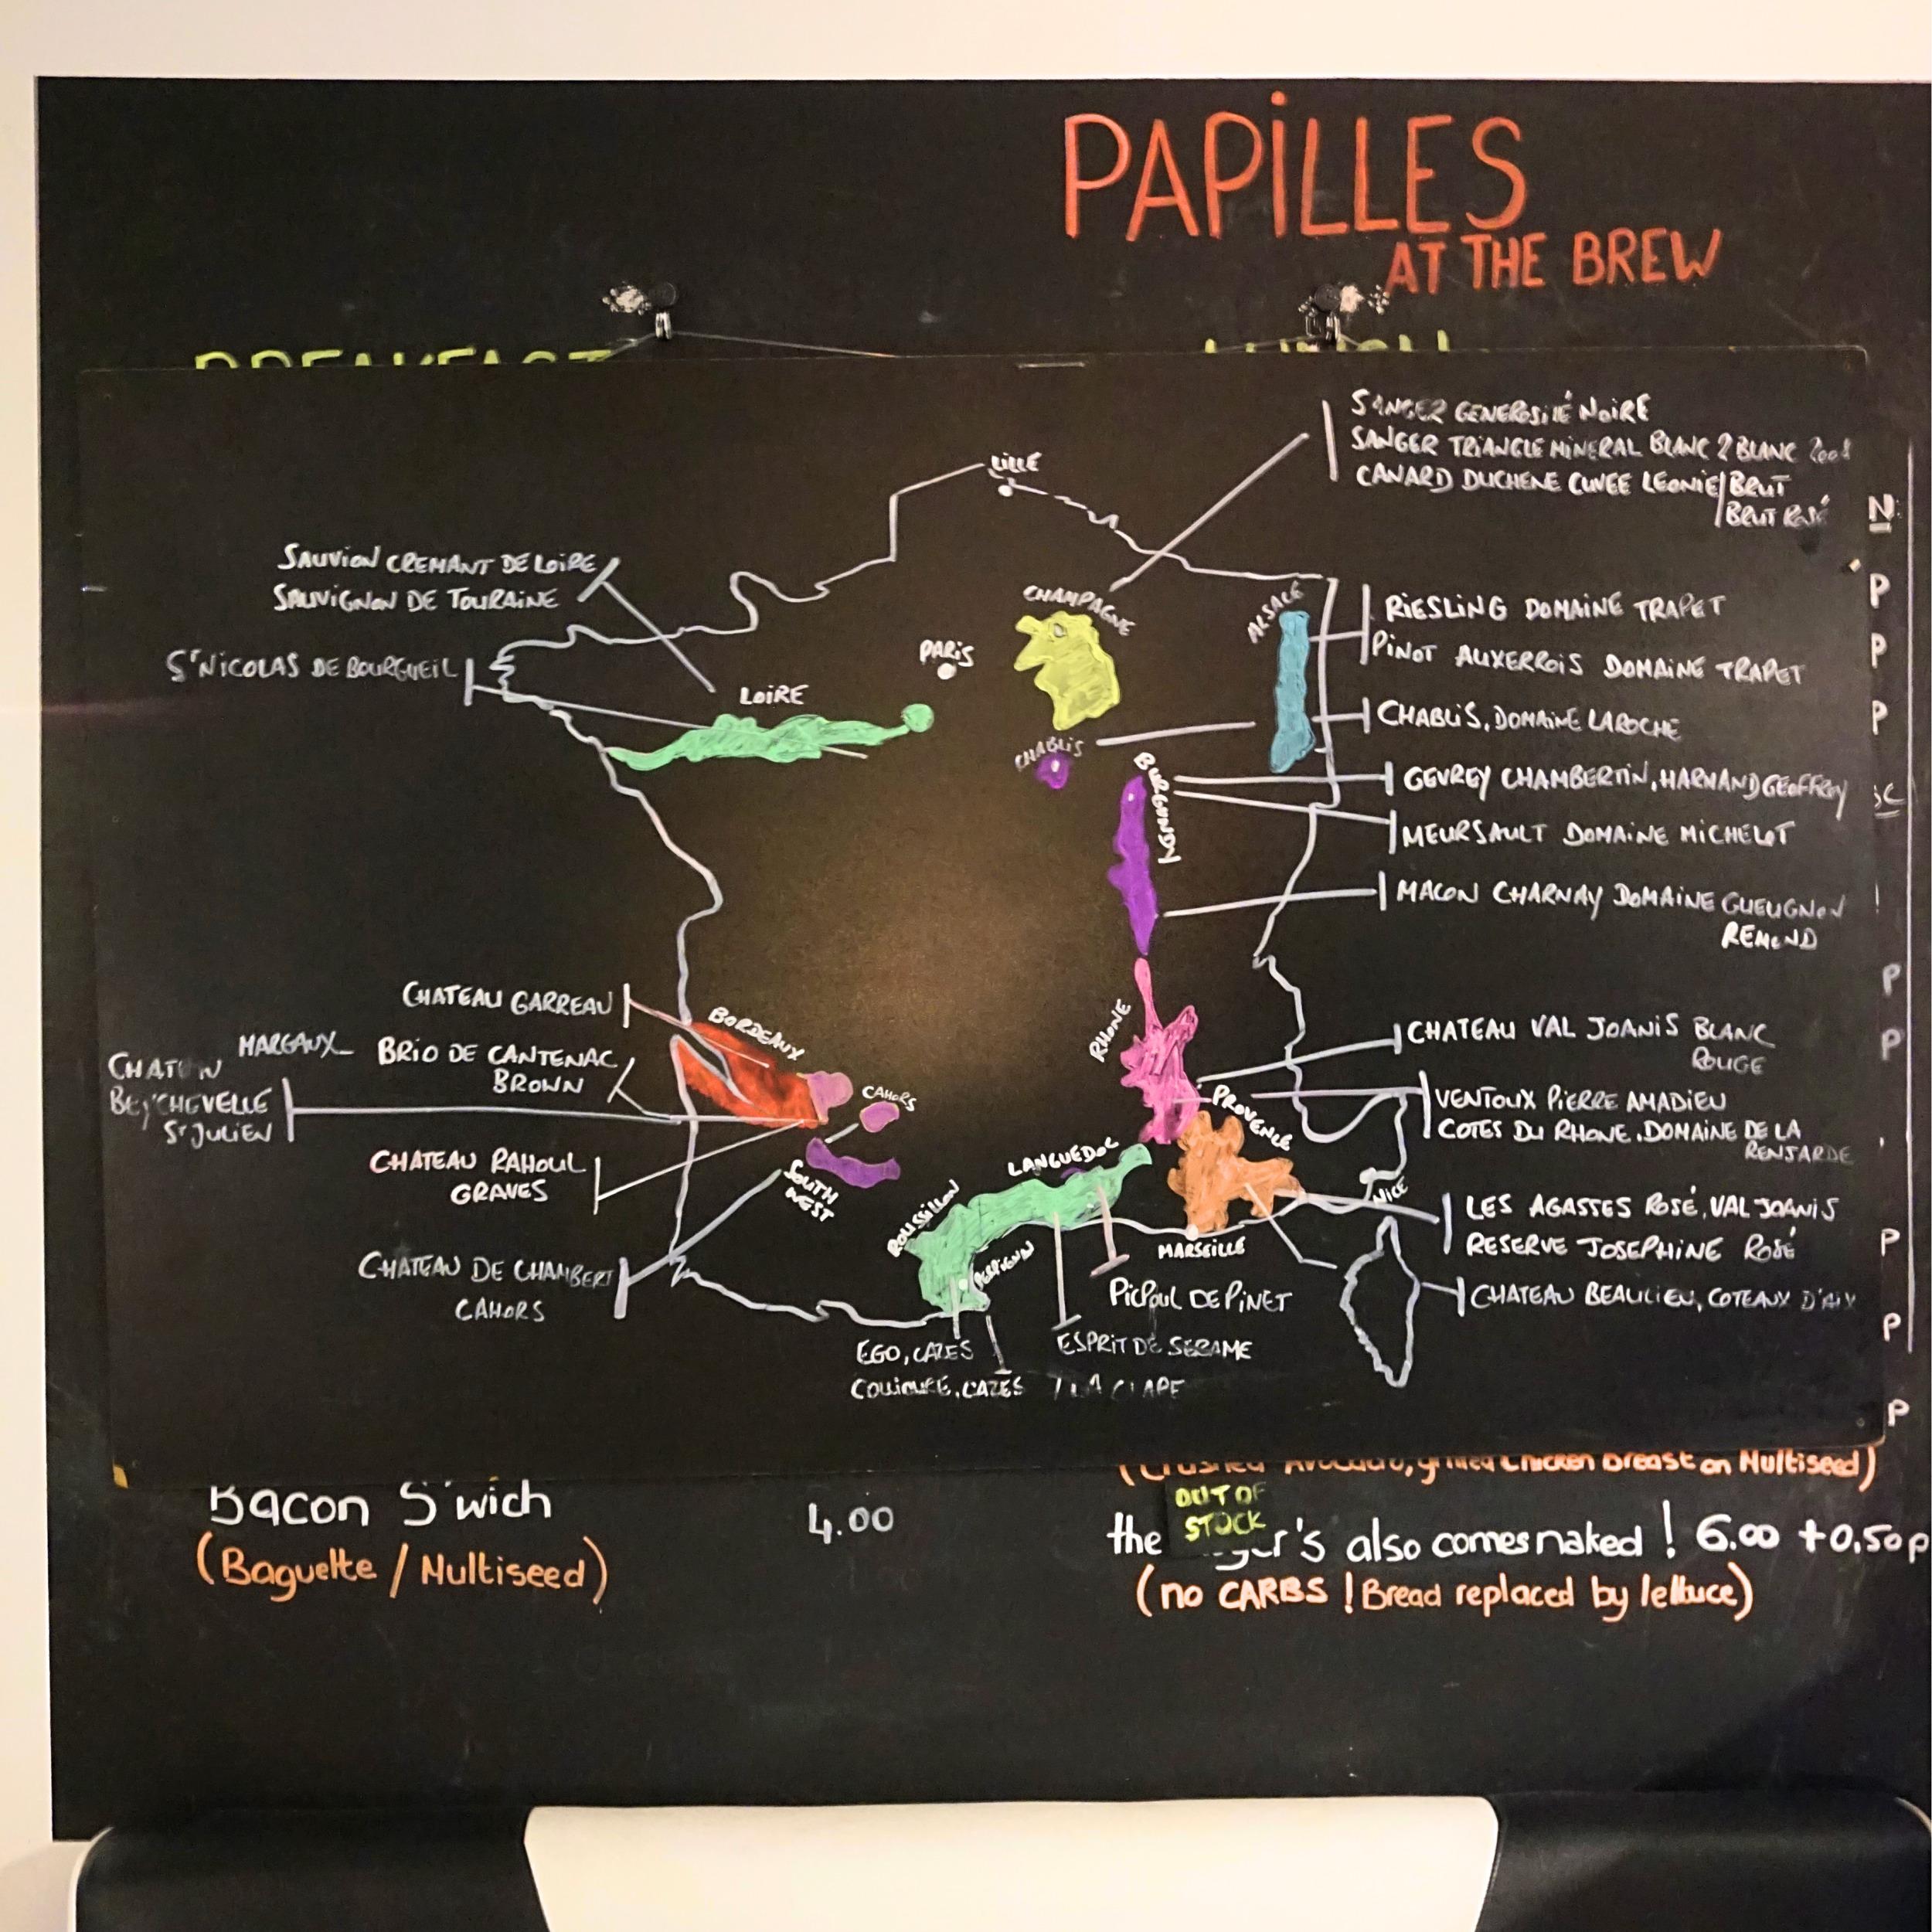 Papilles-2